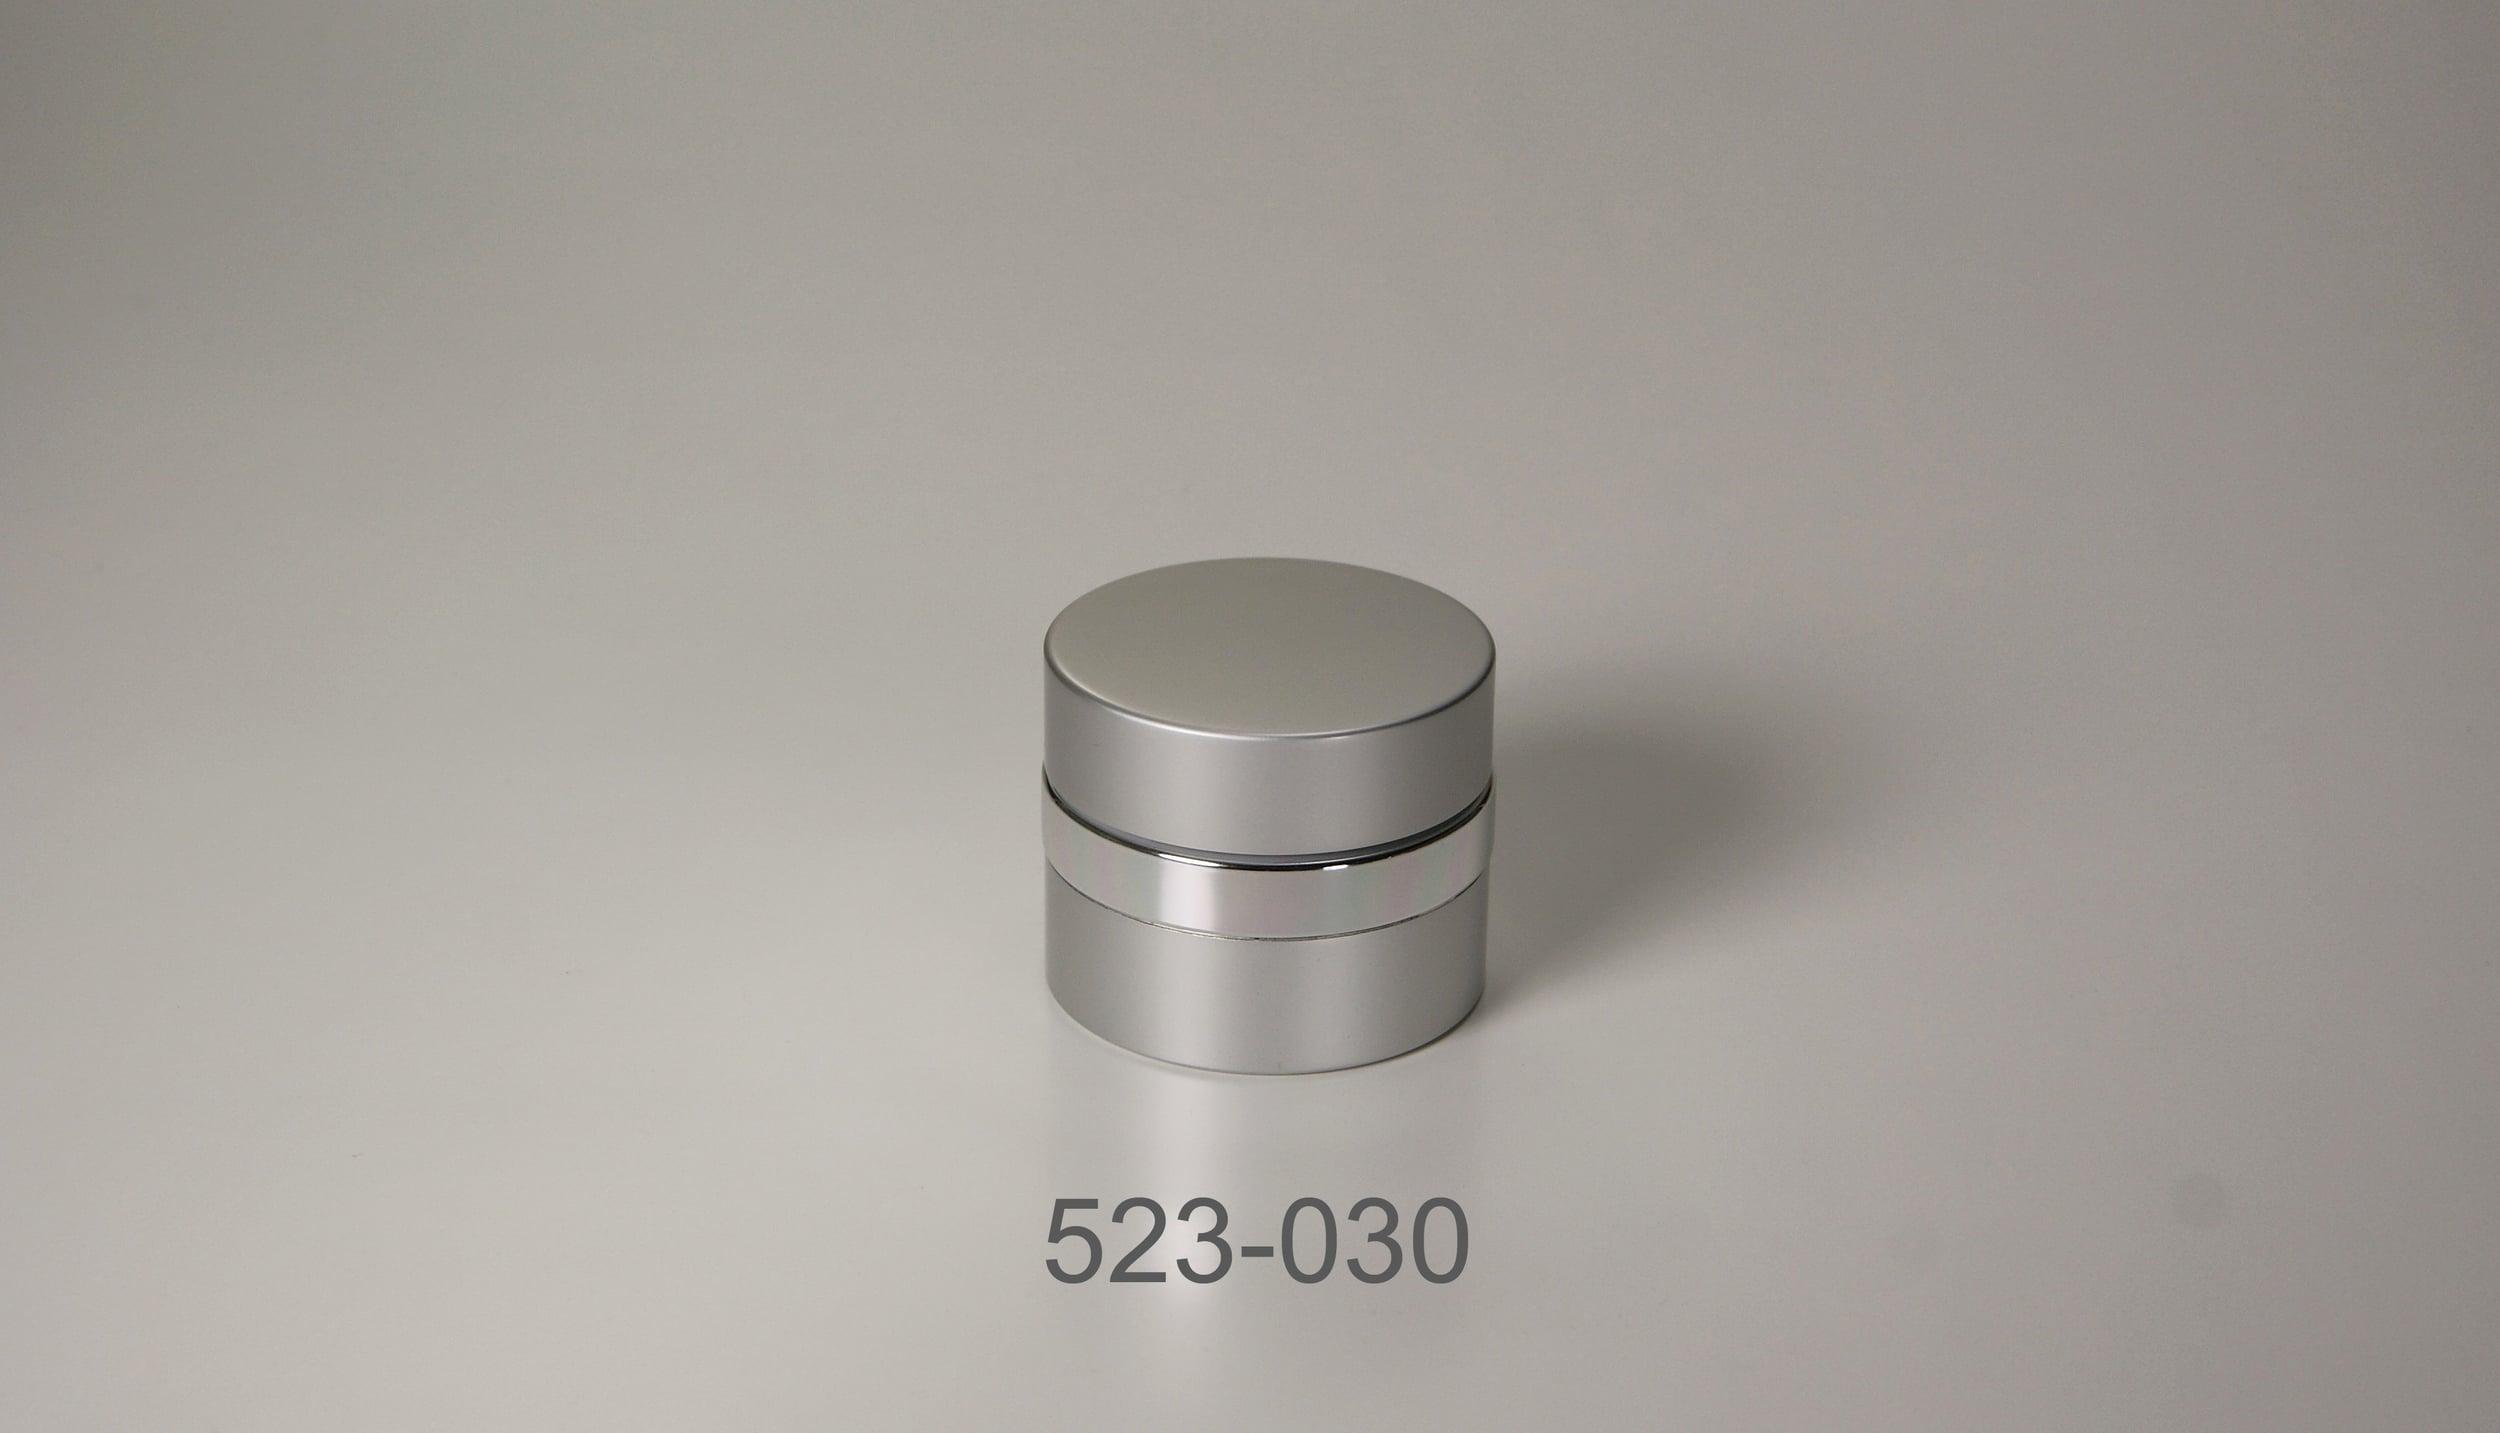 523-030.jpg